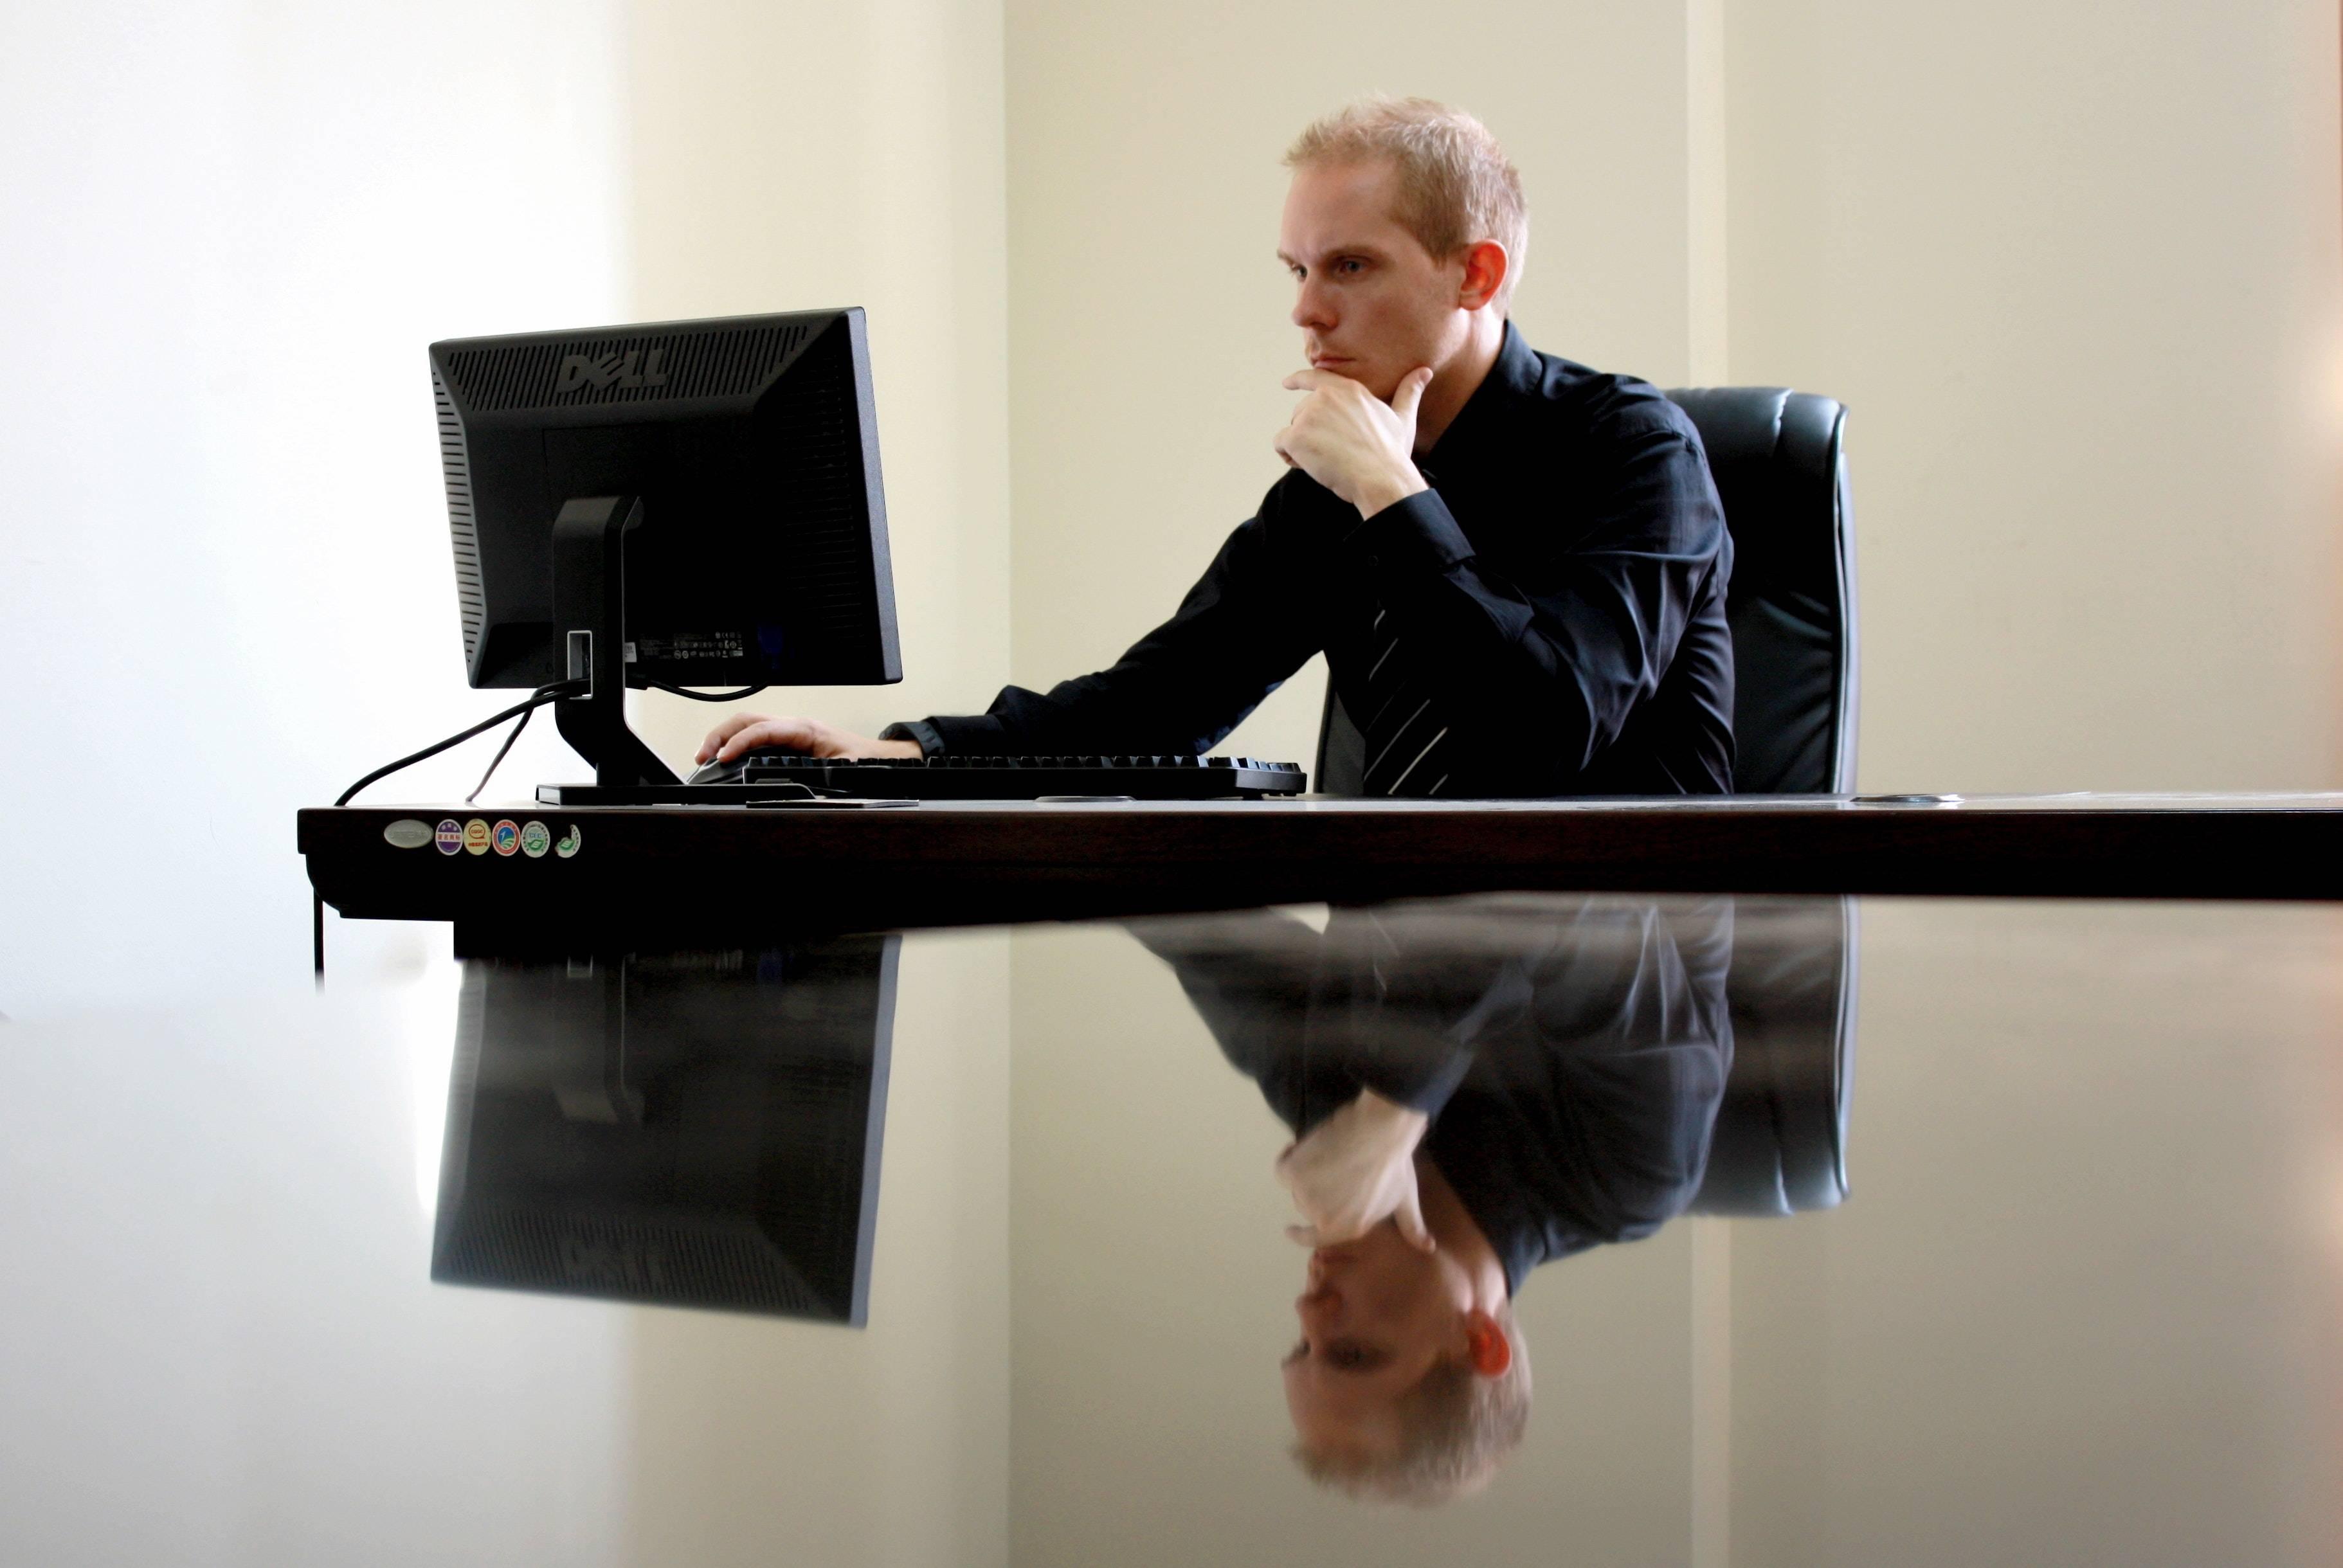 Casi una tercera parte de los exempleados todavía pueden acceder a los datos privados de las empresas